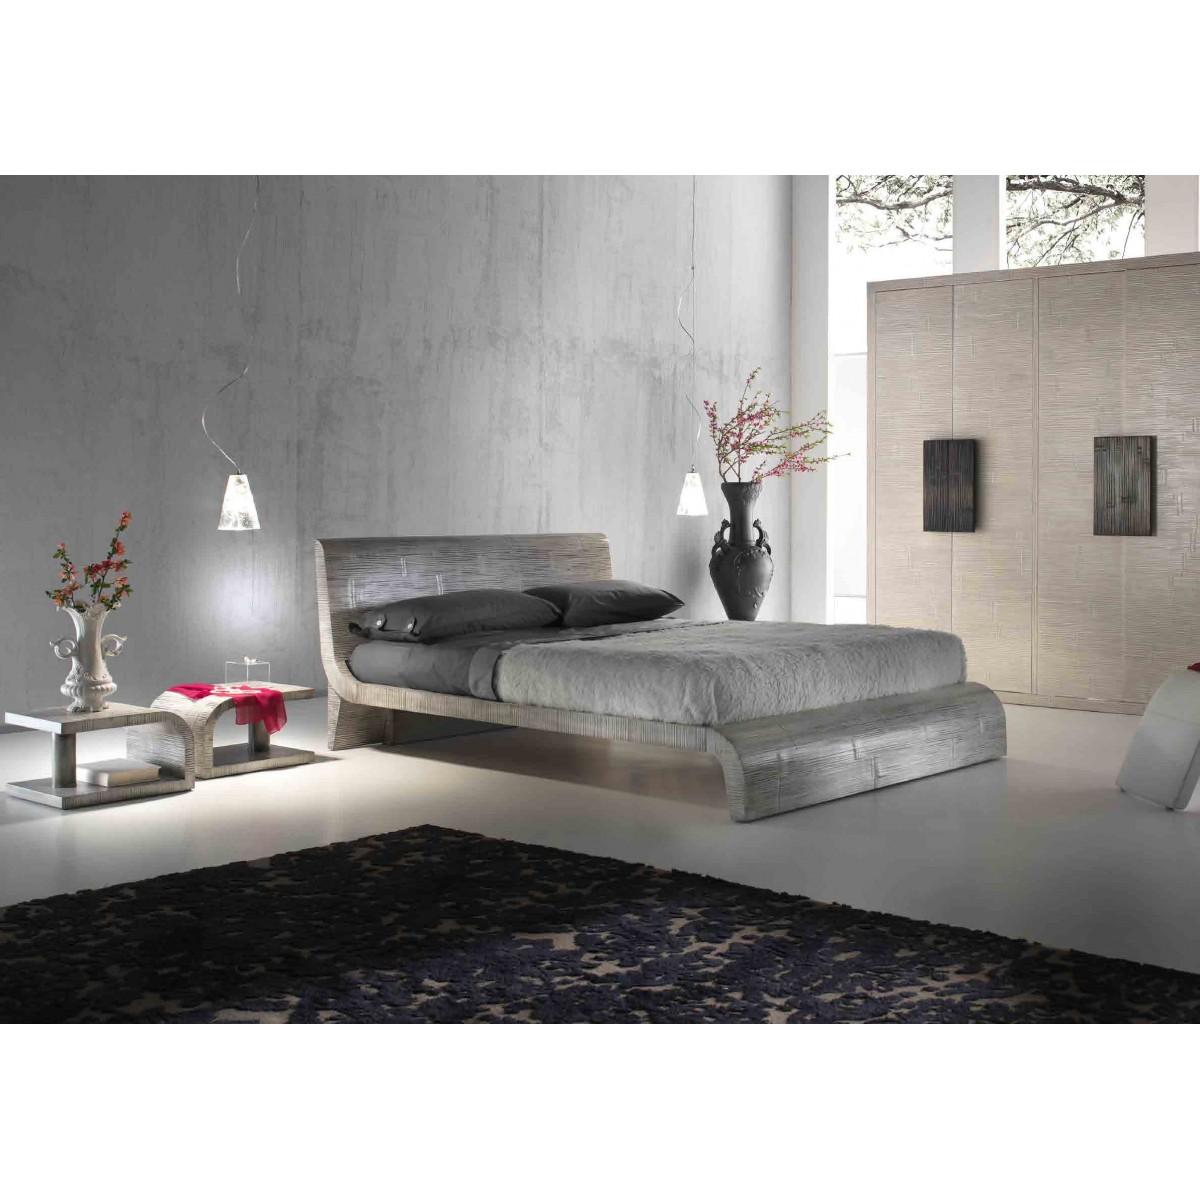 letto Wave colore gray, comodini Kristal colore Wave e armadio Light ante battenti decapato bianco